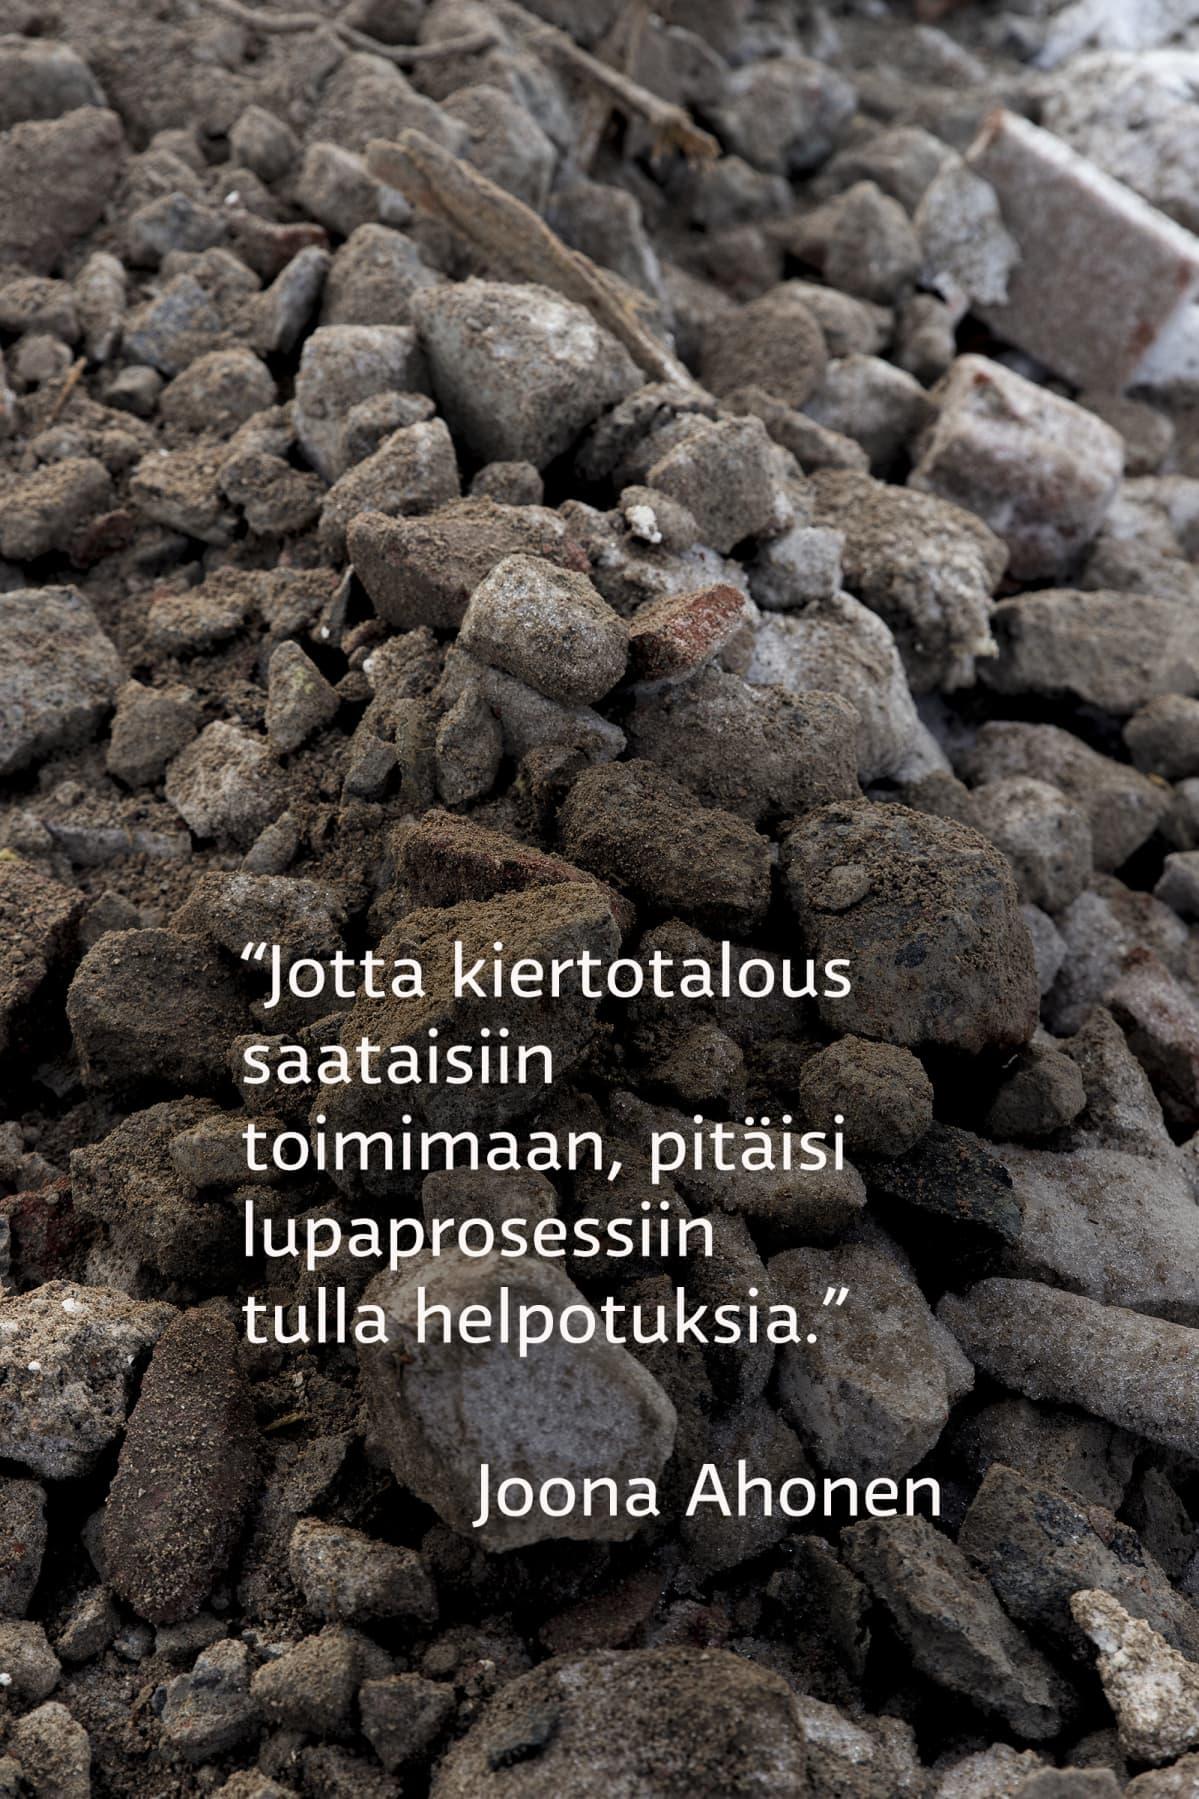 Jotta kiertotalous saataisiin toimimaan, pitäisi lupaprosessiin tulla helpotuksia, sanoo Joona Ahonen.